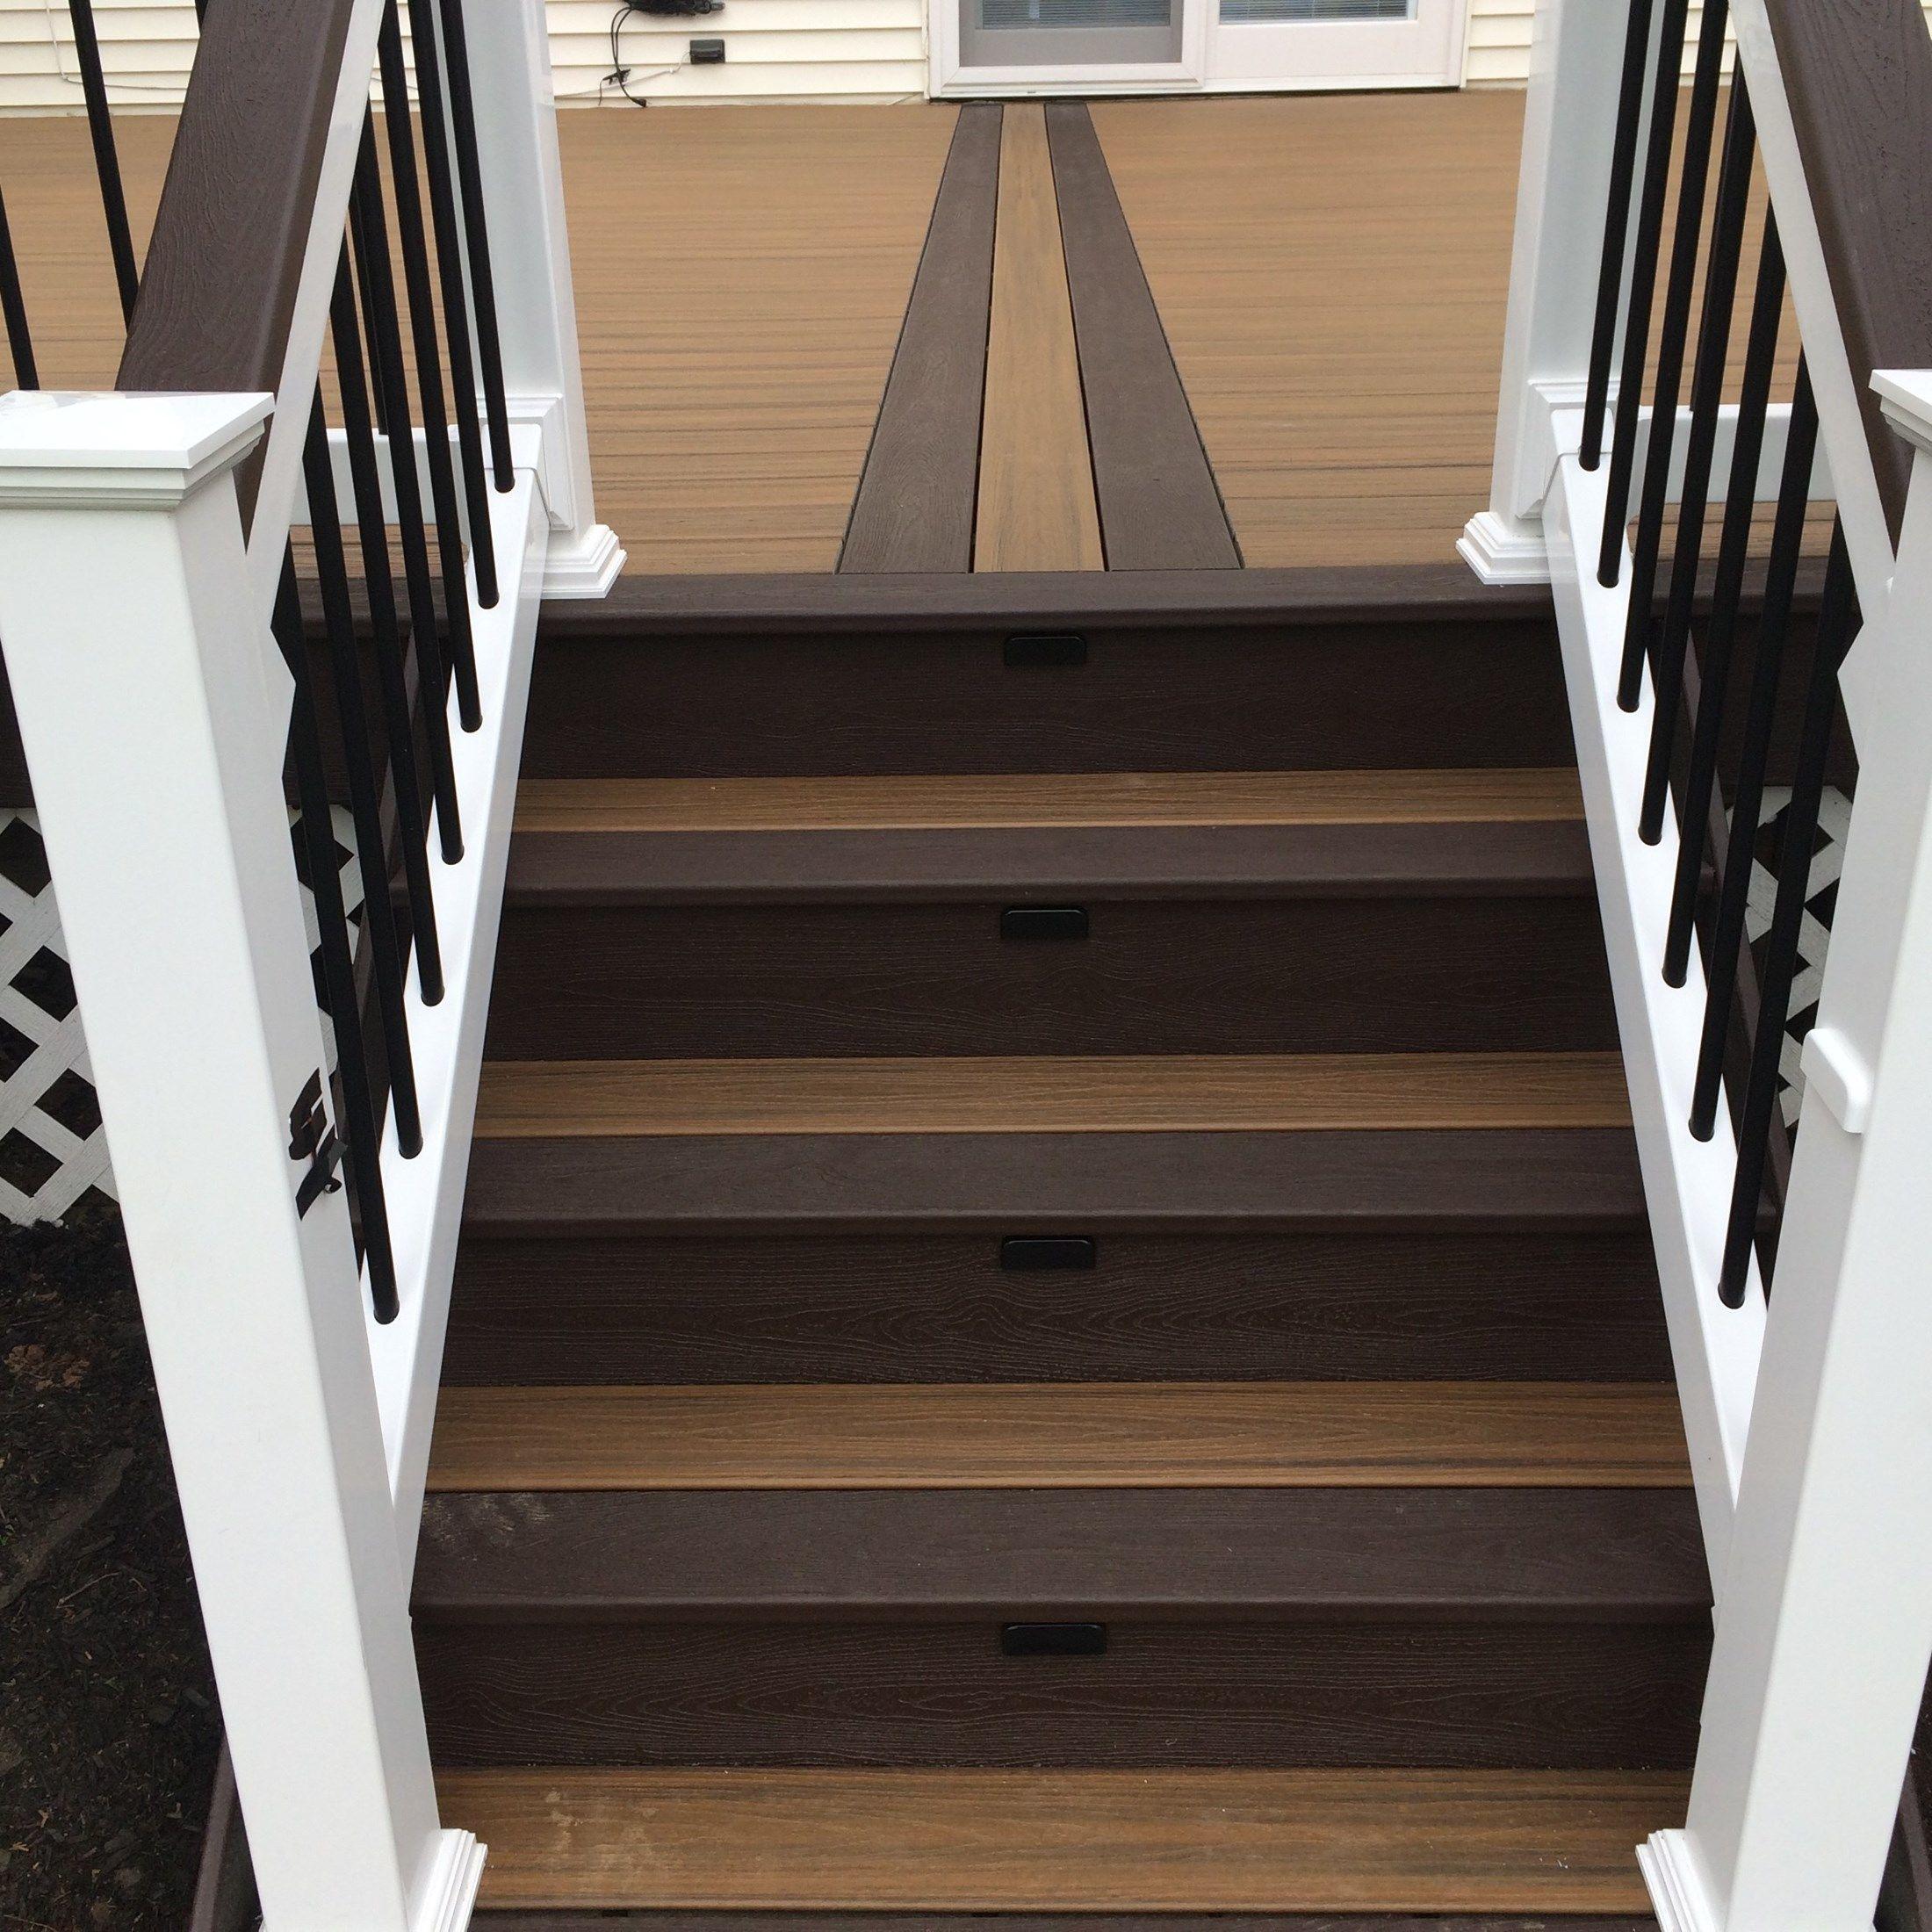 Custom deck in Millstone N.J. - Picture 6710